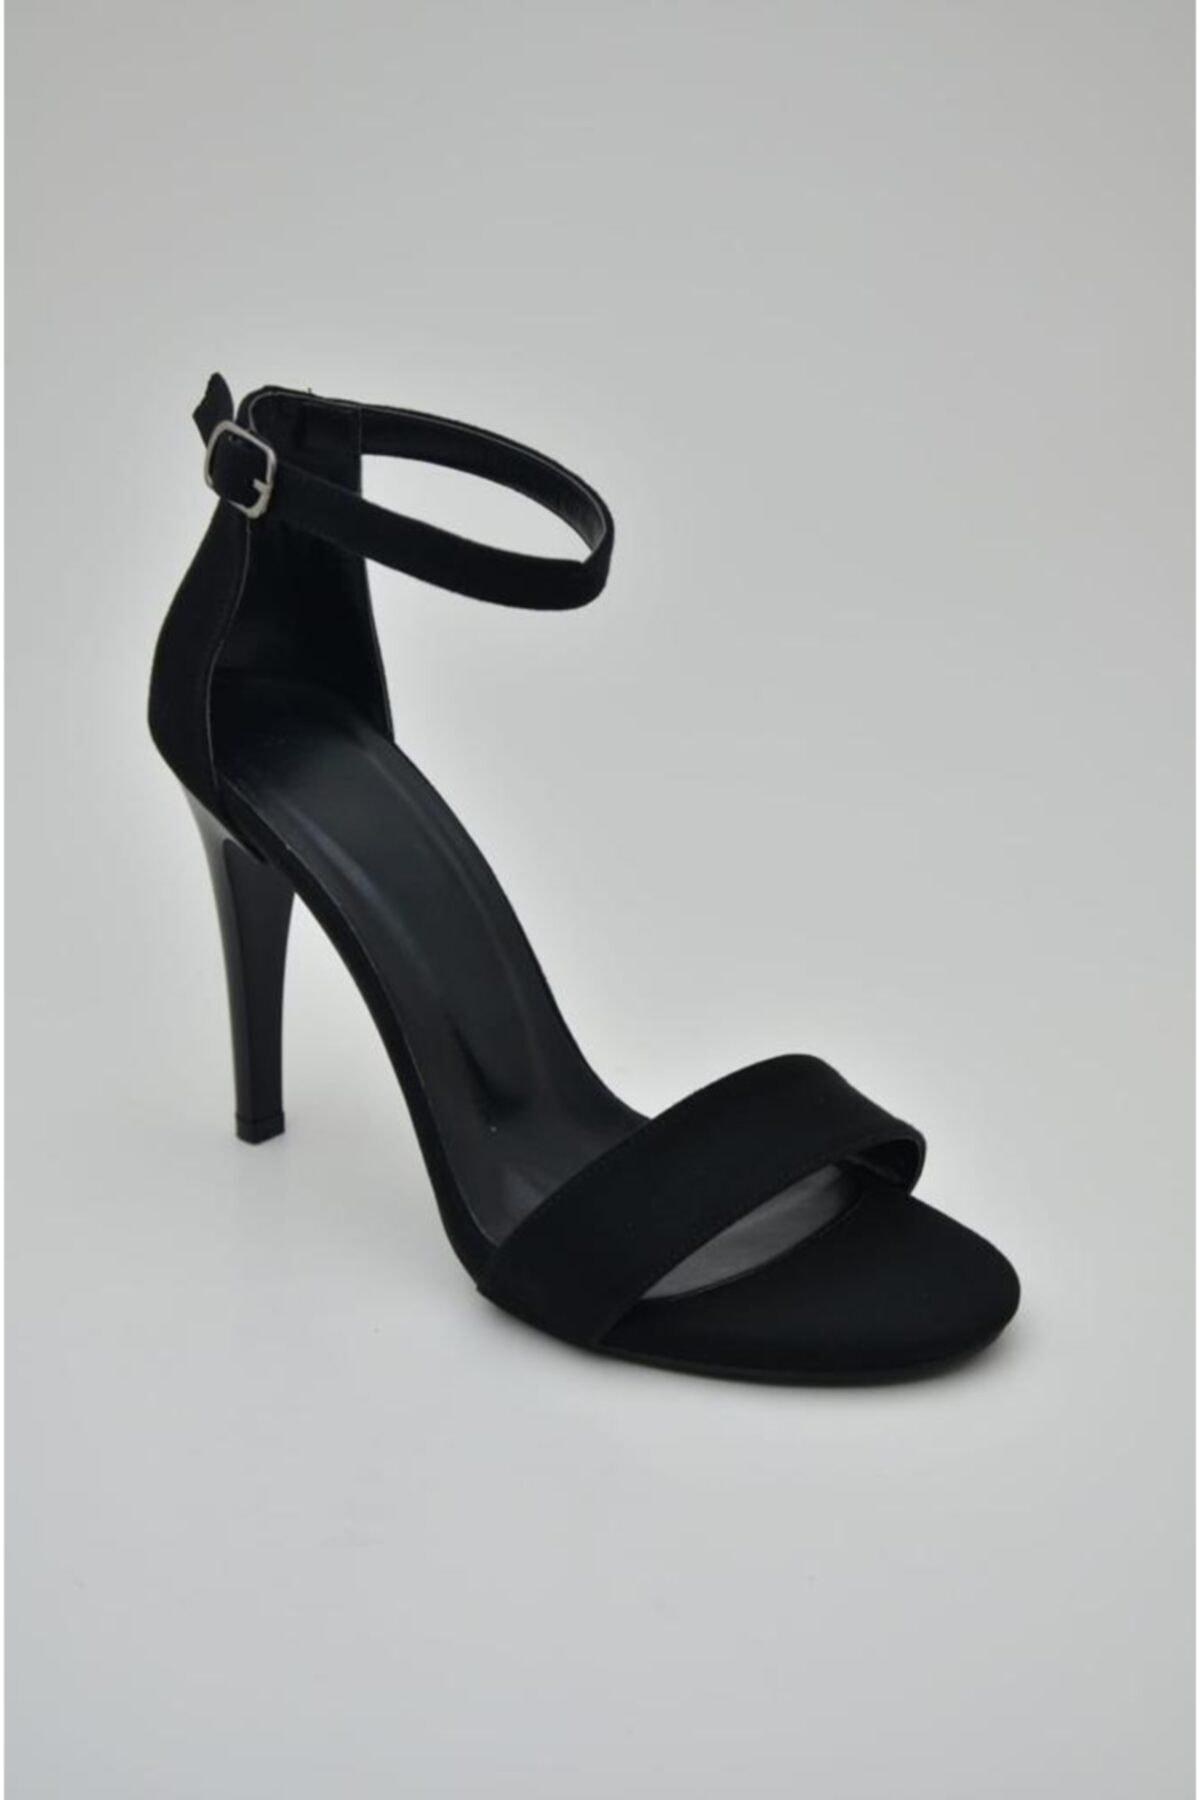 فروشگاه کفش پاشنه بلند مجلسی زنانه سال ۹۹ برند Debbo outlet رنگ مشکی کد ty113477259